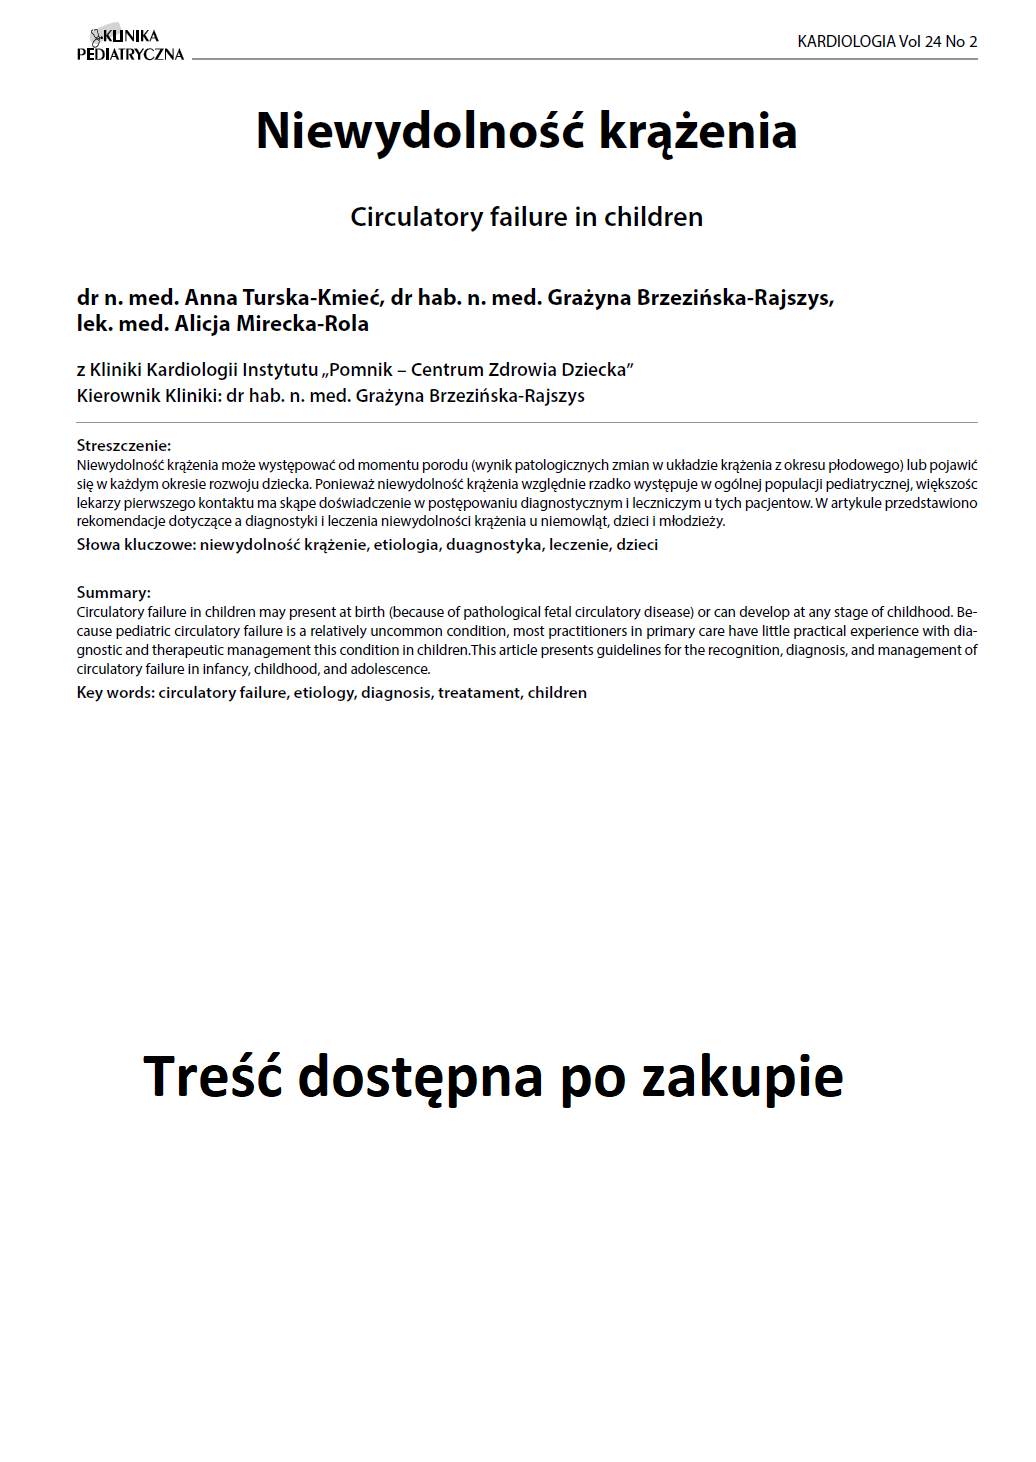 KP 2 -2016- Niewydolność krążenia